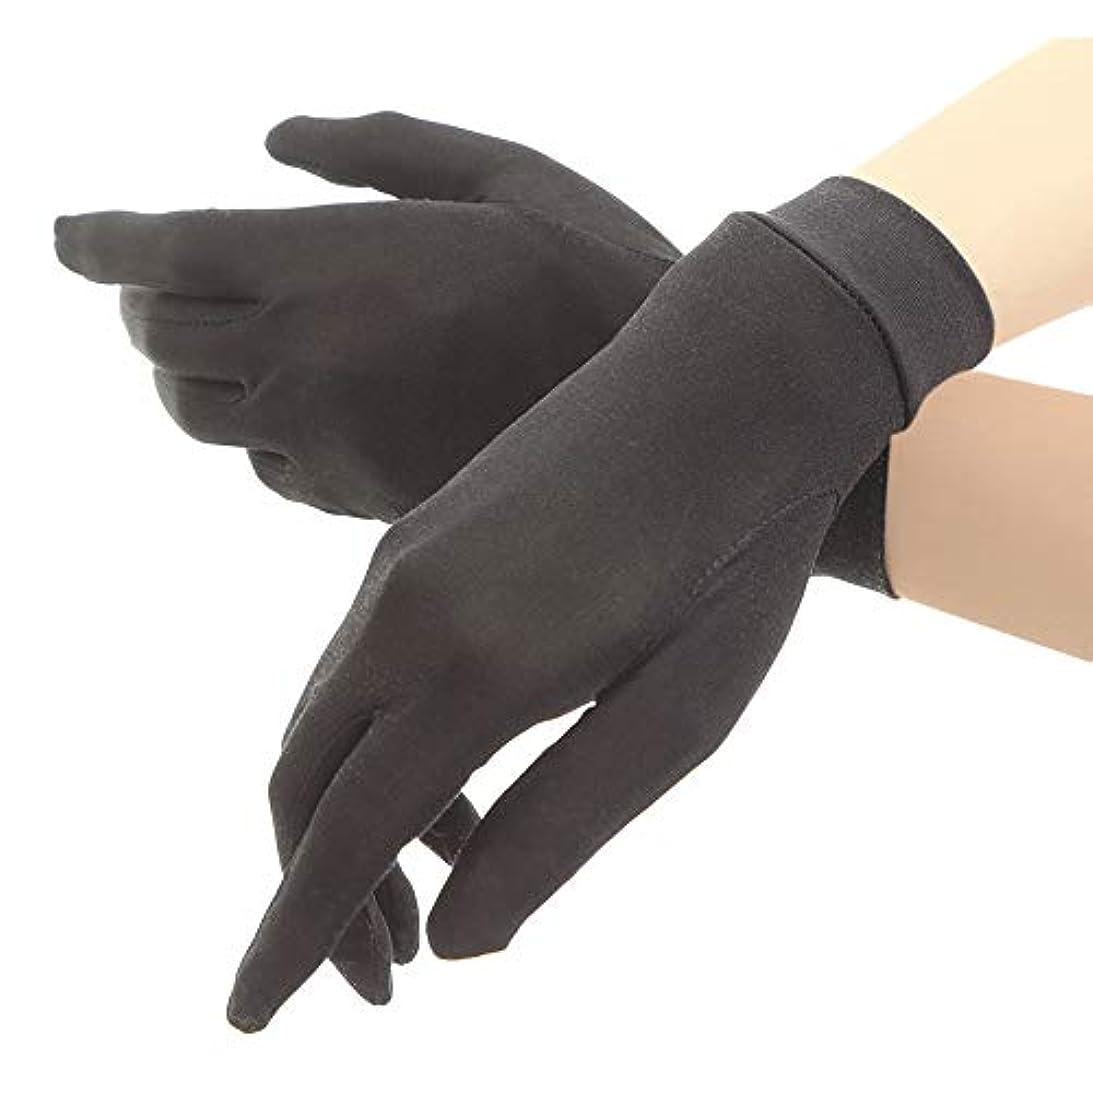 資格複製する空シルク手袋 レディース 手袋 シルク 絹 ハンド ケア 保湿 紫外線 肌荒れ 乾燥 サイズアップで手指にマッチ 【macch】